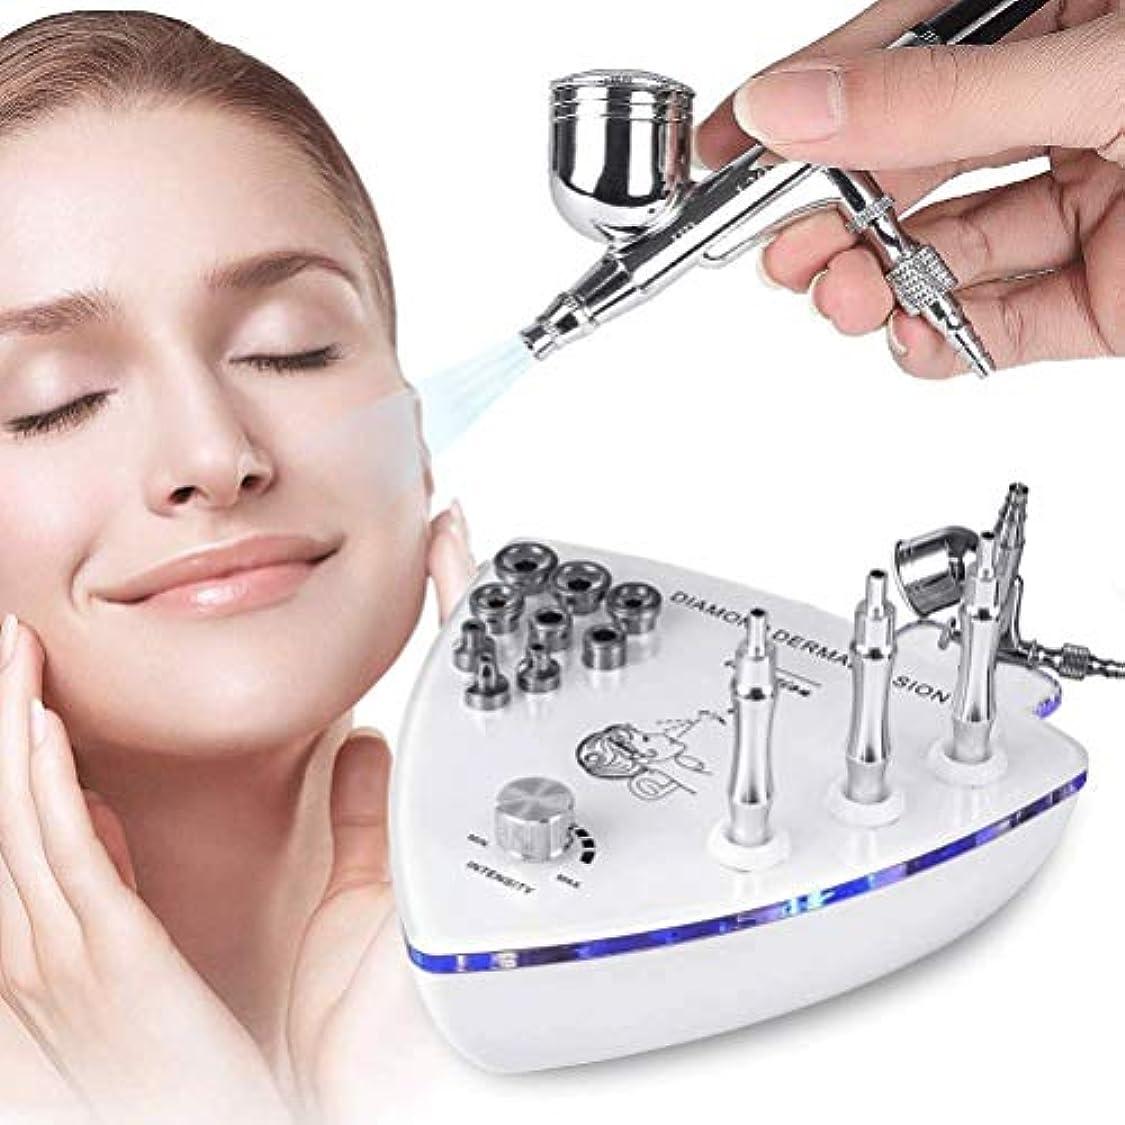 魔法確立しますご予約美容機器 - ダイヤモンドMicroderma - スプレーガン散水真空吸引ピーリング?フェイシャルマッサージでBrasion皮膚剥離マシン